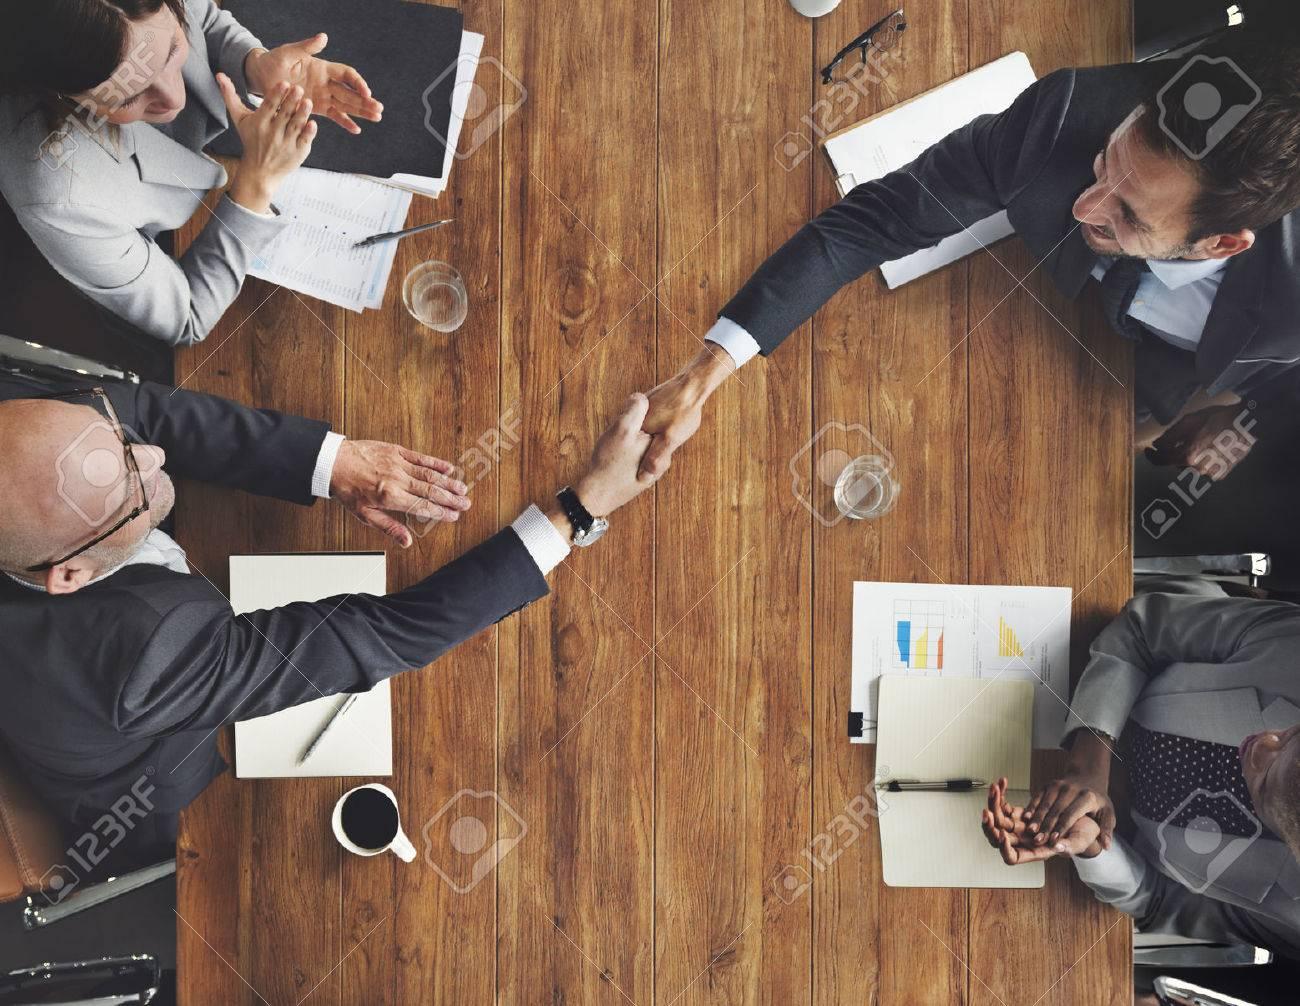 Business Team Meetng Handshake Applaud Concept - 53713289